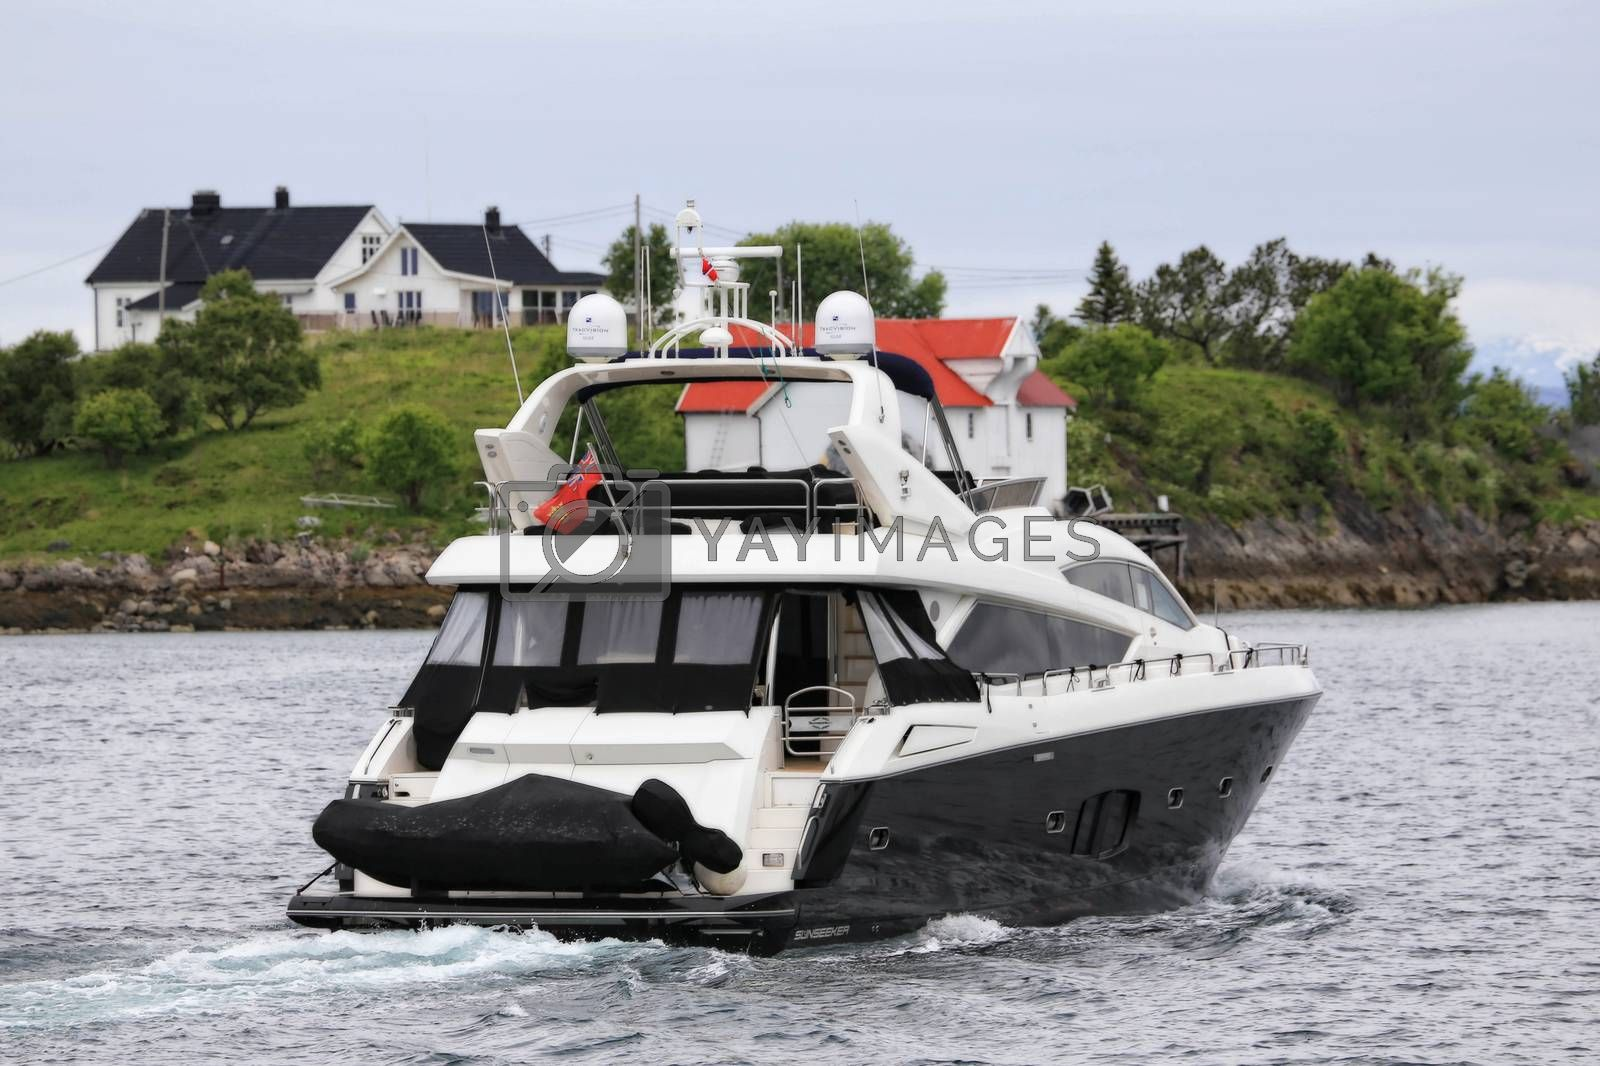 Engelske SILENT, Lengde/bredde 22m × 6m - Passerer gjennom Brønnøysundet